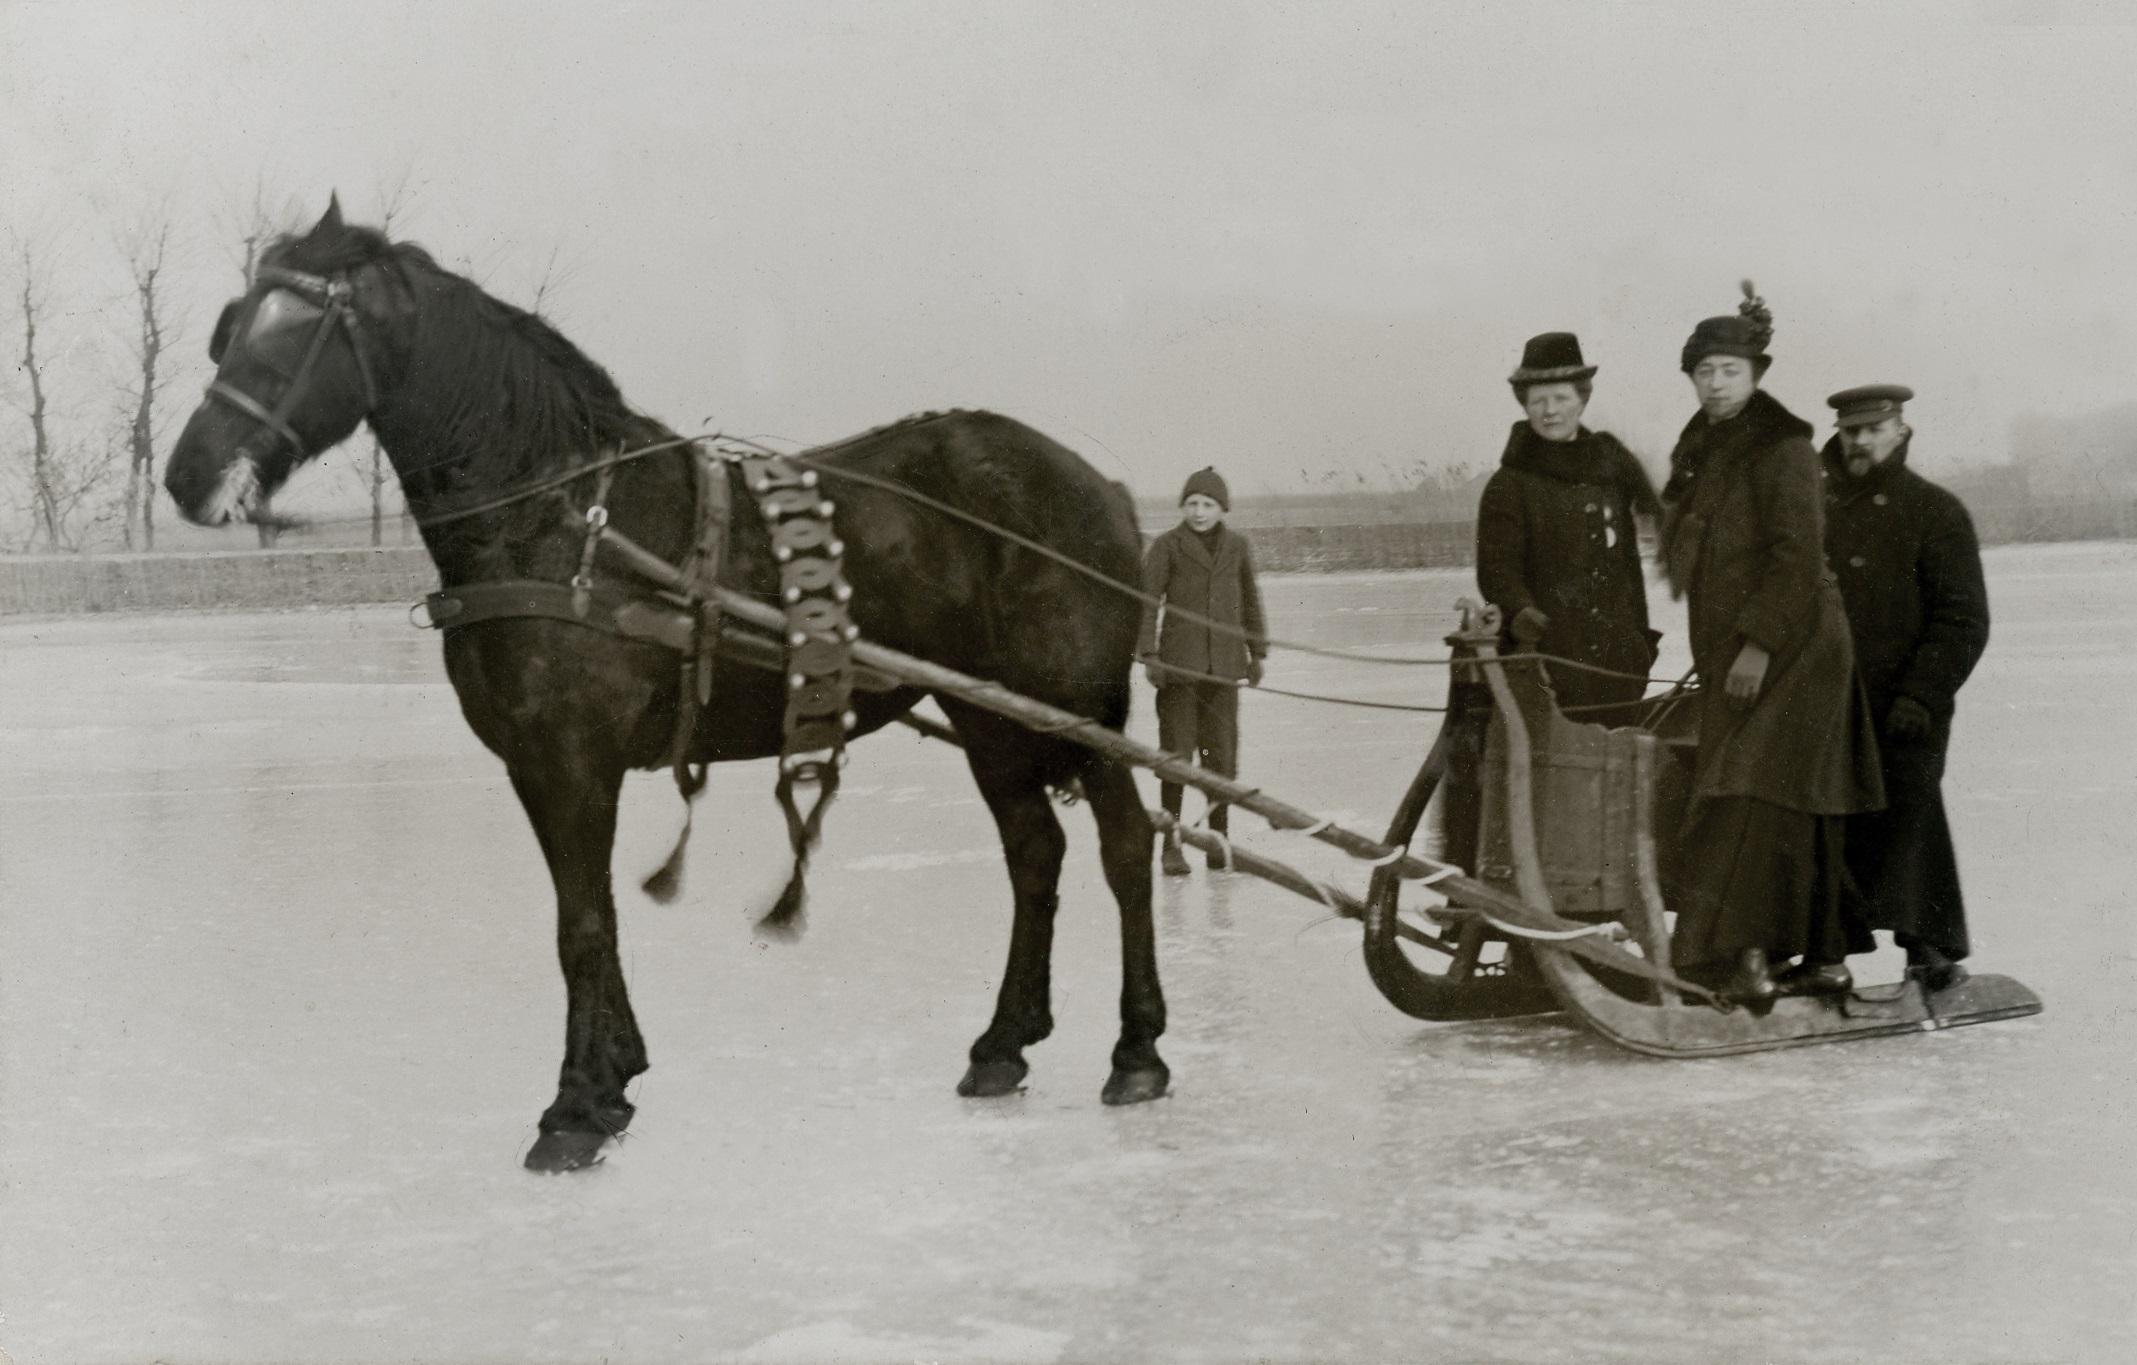 Voor de pauze kan het publiek genieten van 'Beemster in de winter'. (Foto: aangeleverd)